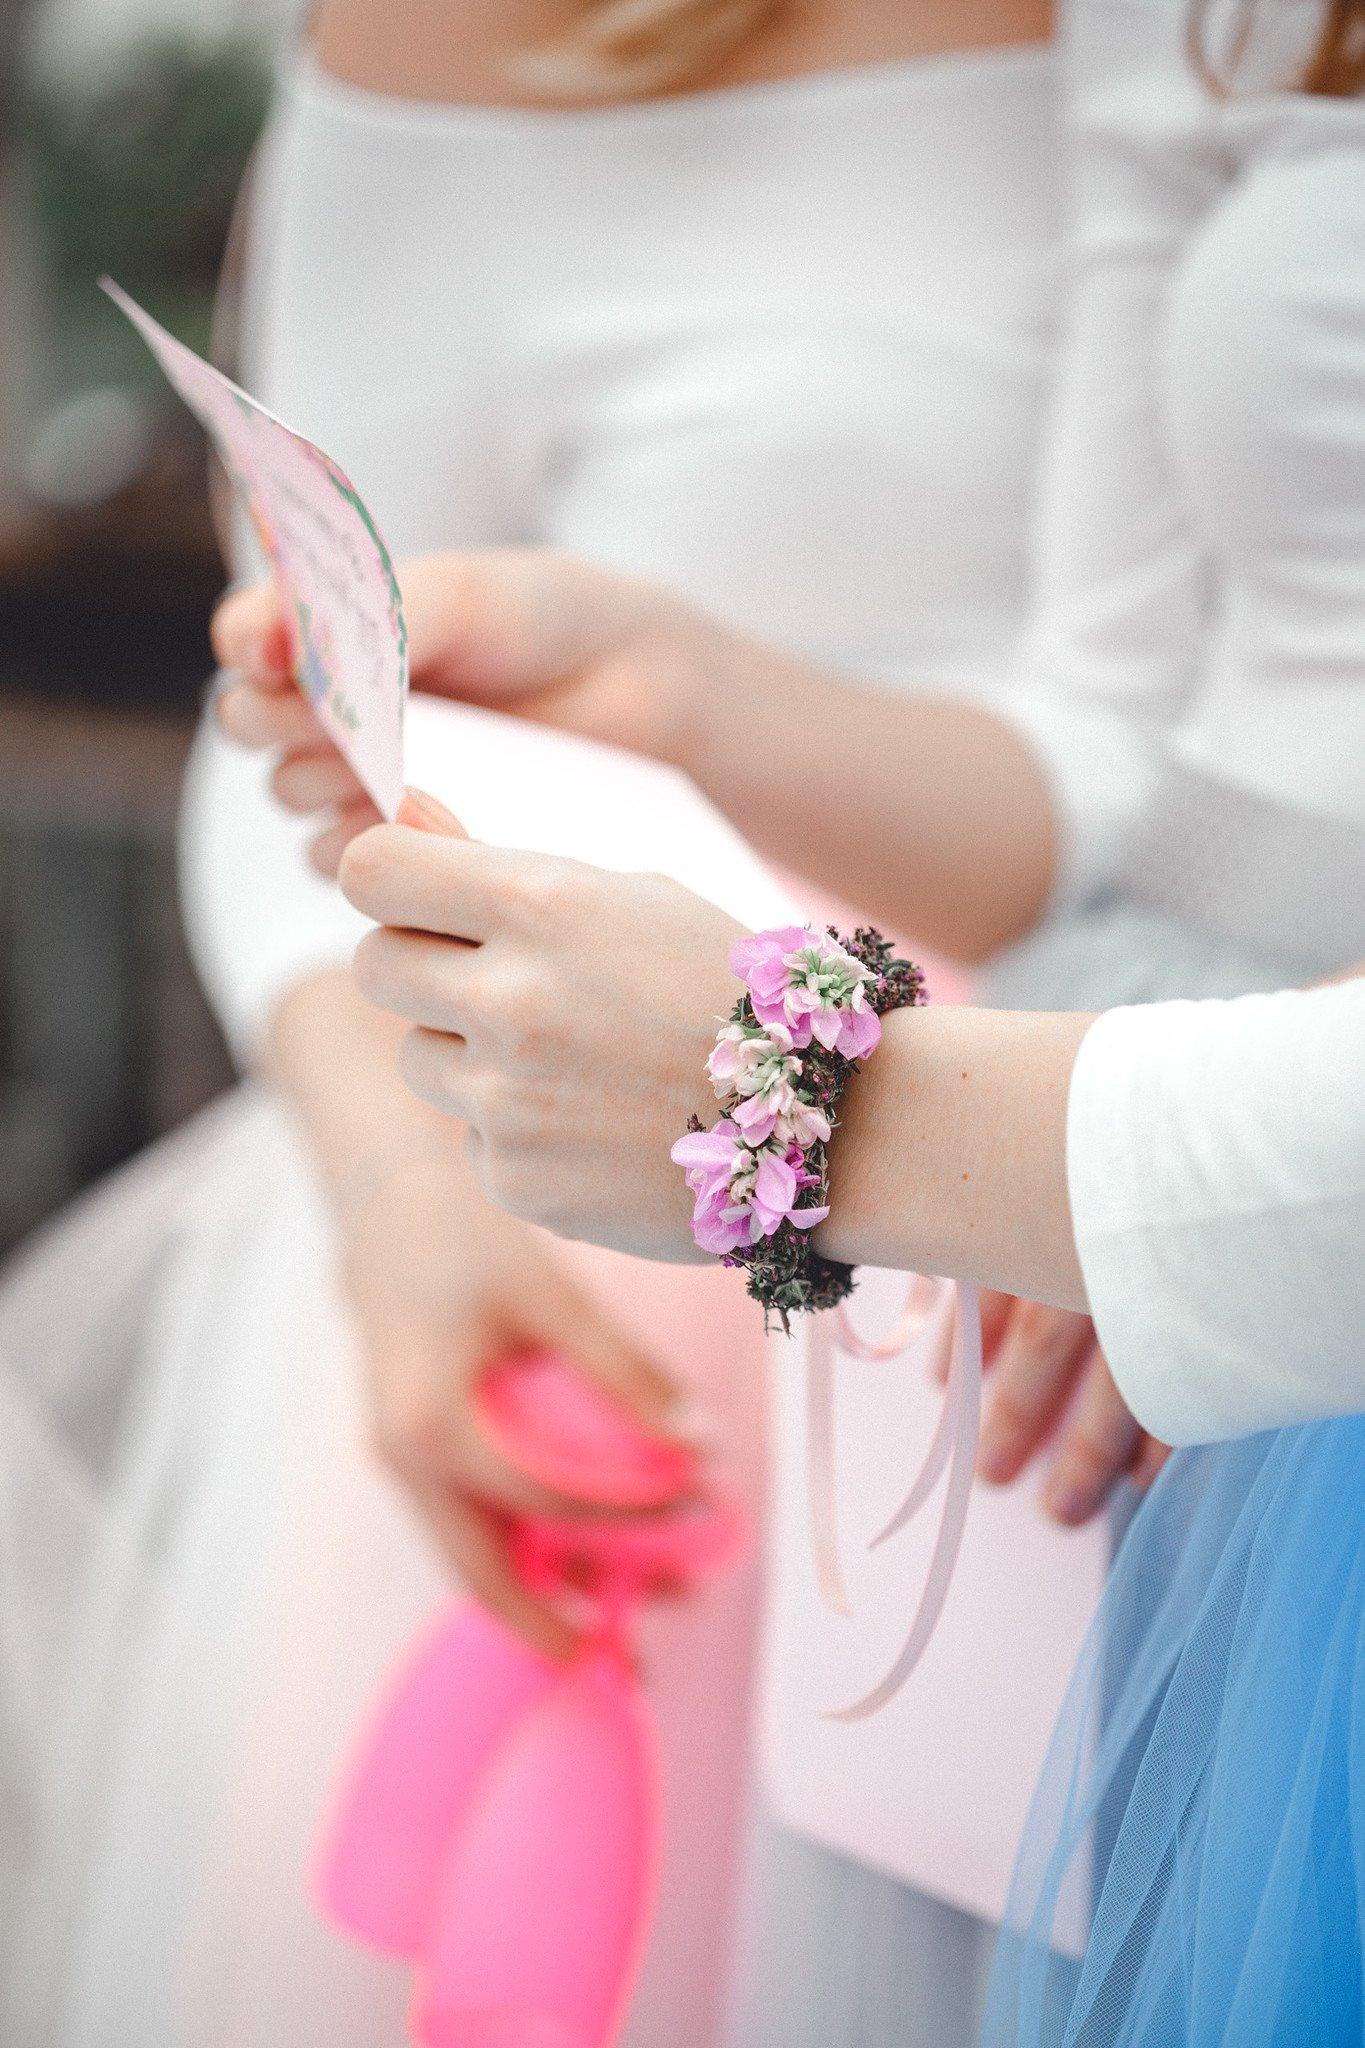 Blumenarmband – Floraler Schmuck nicht nur für Brautjungfern